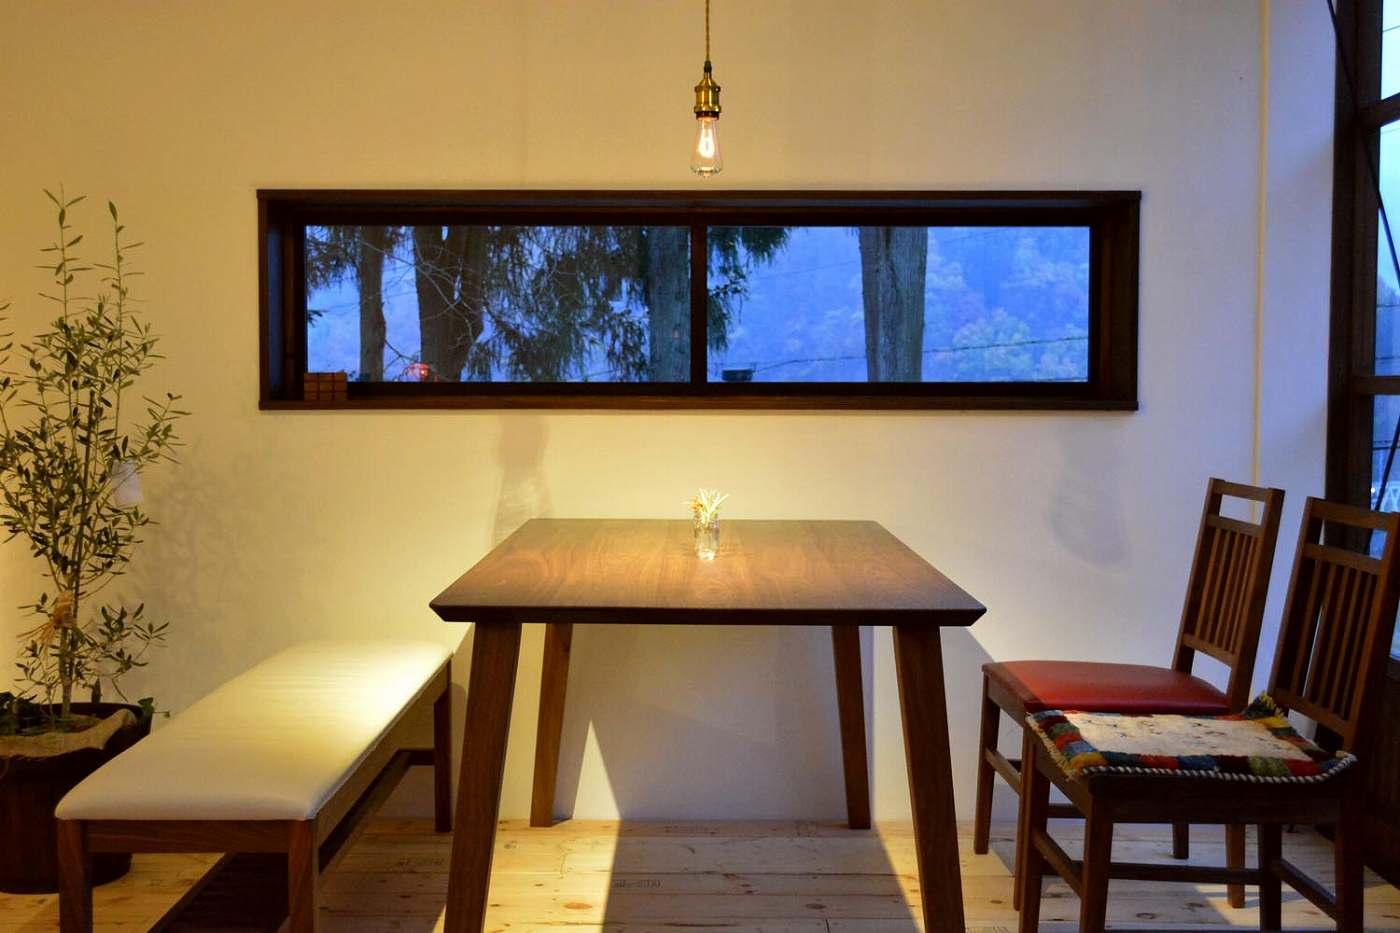 気になるコーディネートシーン画像(ナチュラルモダンダイニング375|Block Atelier furniture(ブロックアトリエファニチャー))